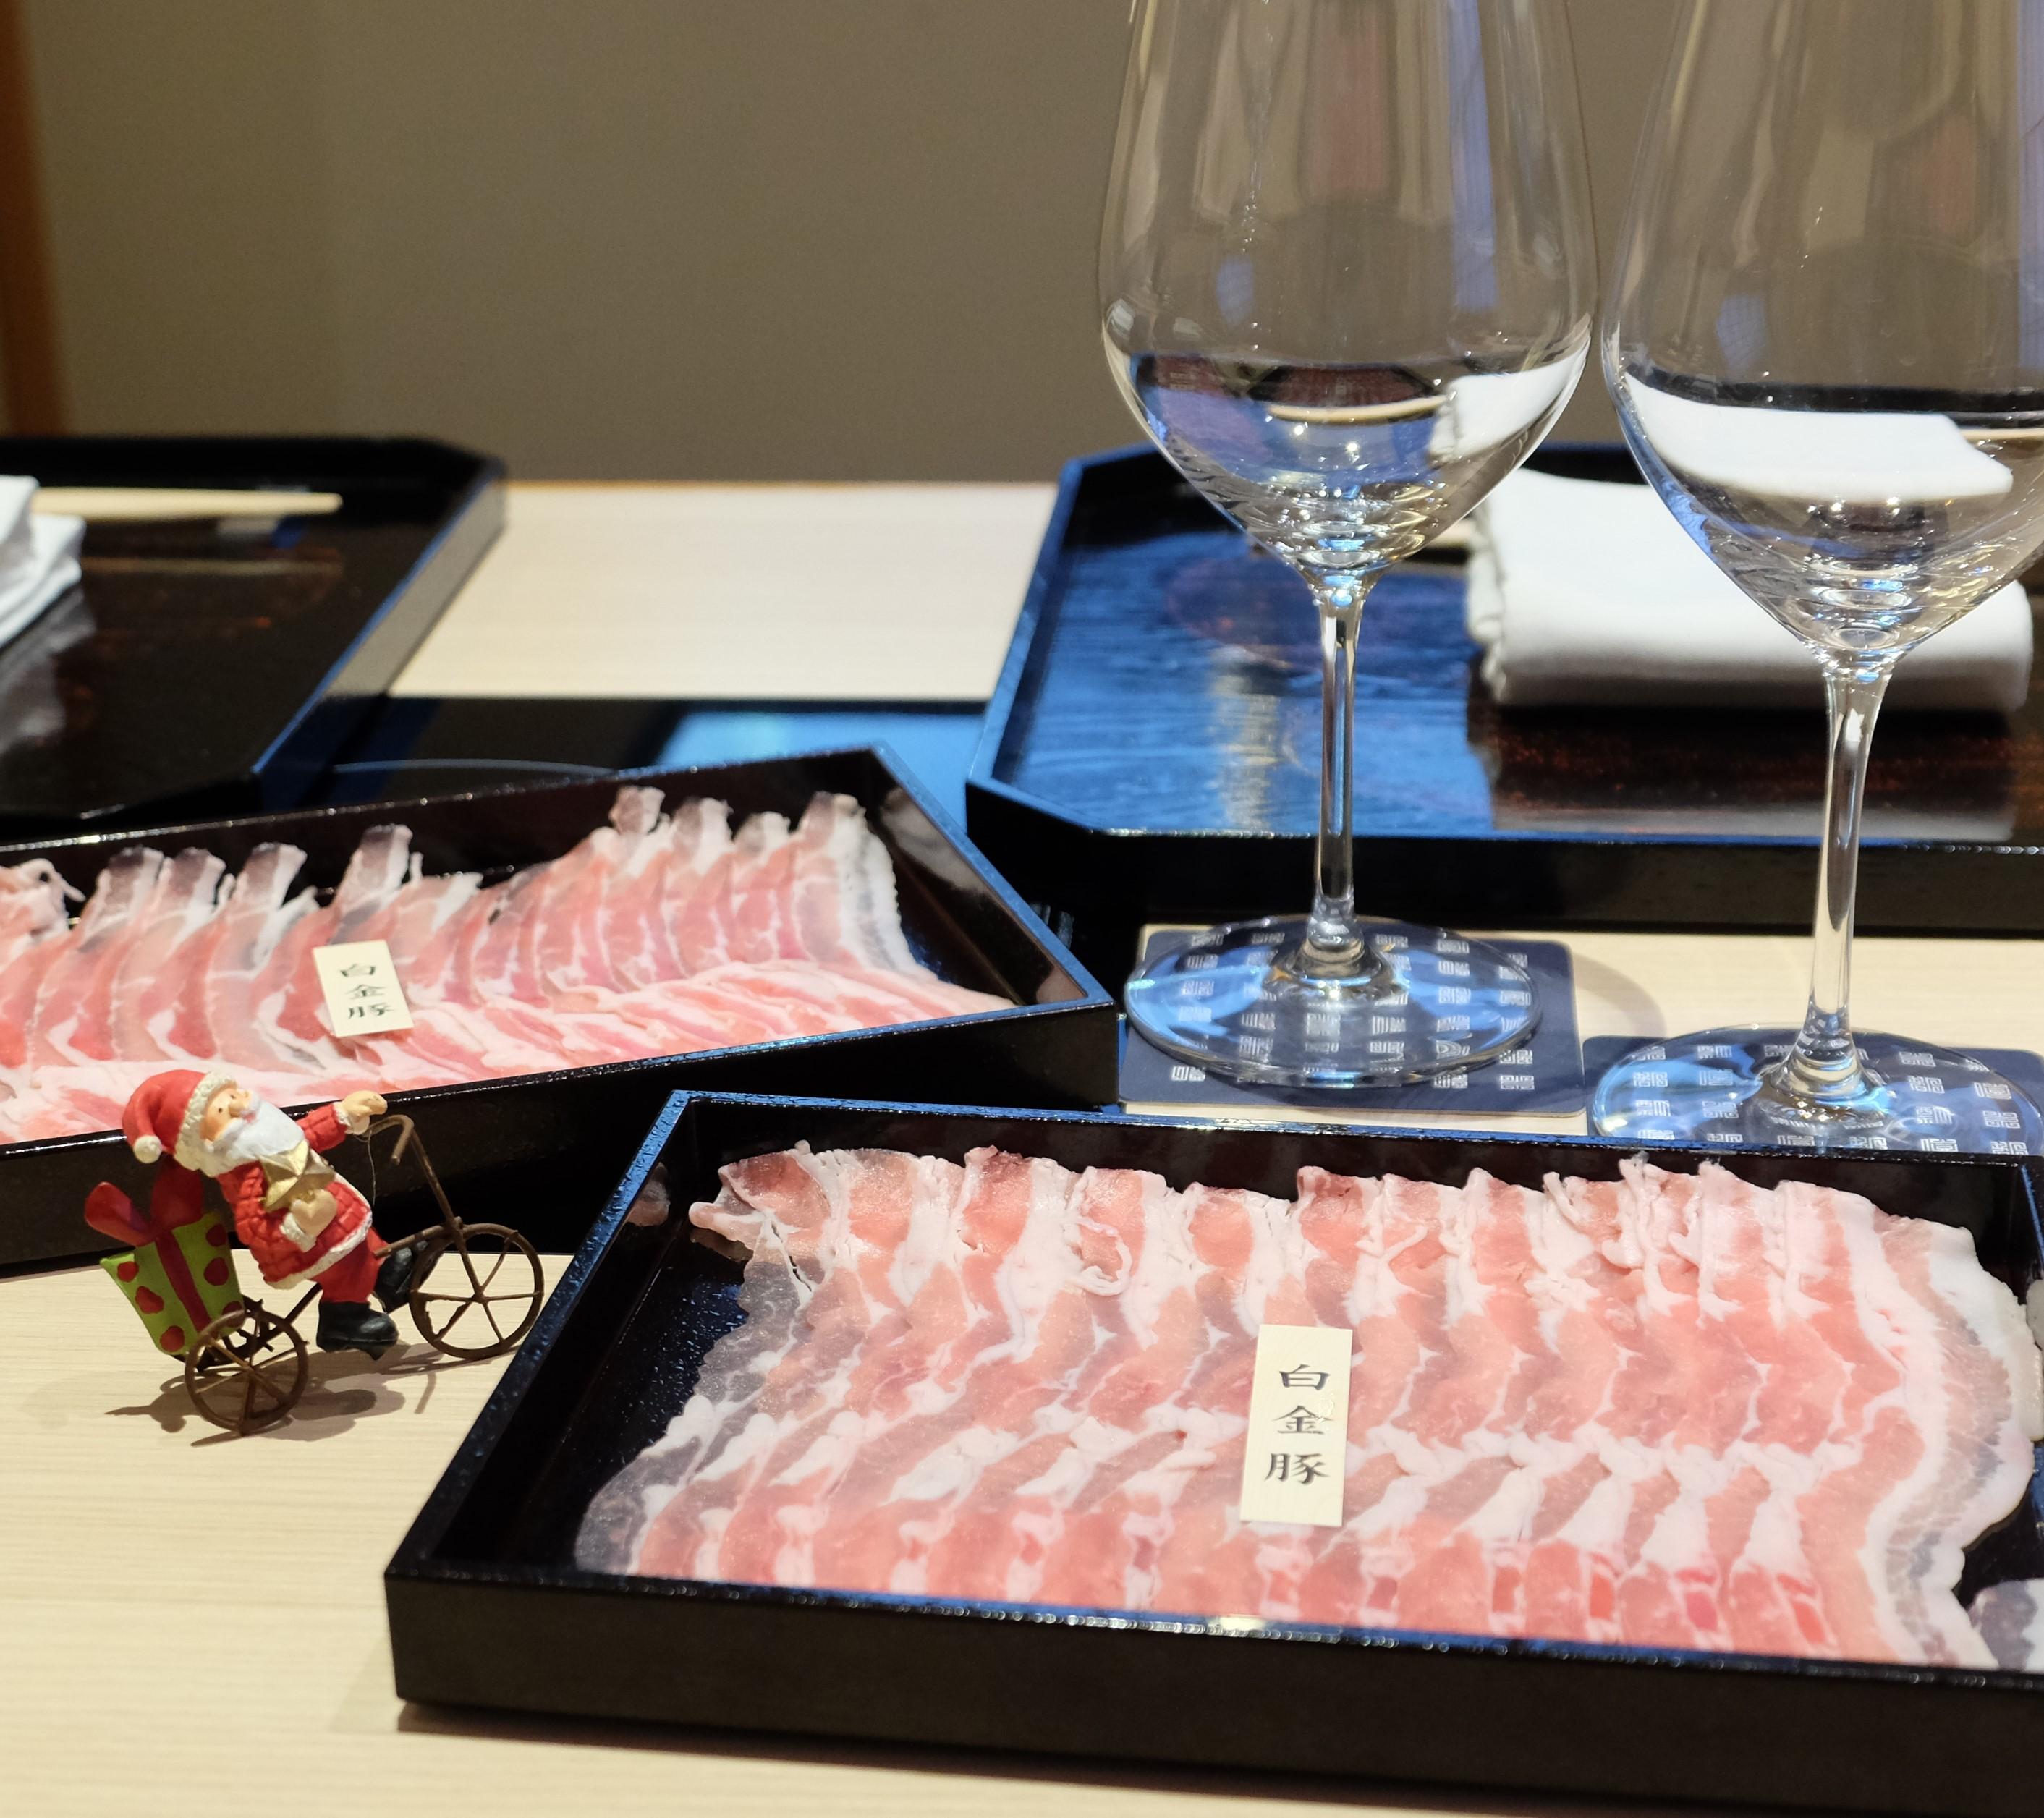 クリスマス,クリスマスディナー,瓢喜,出汁しゃぶ,ステーキ,東京